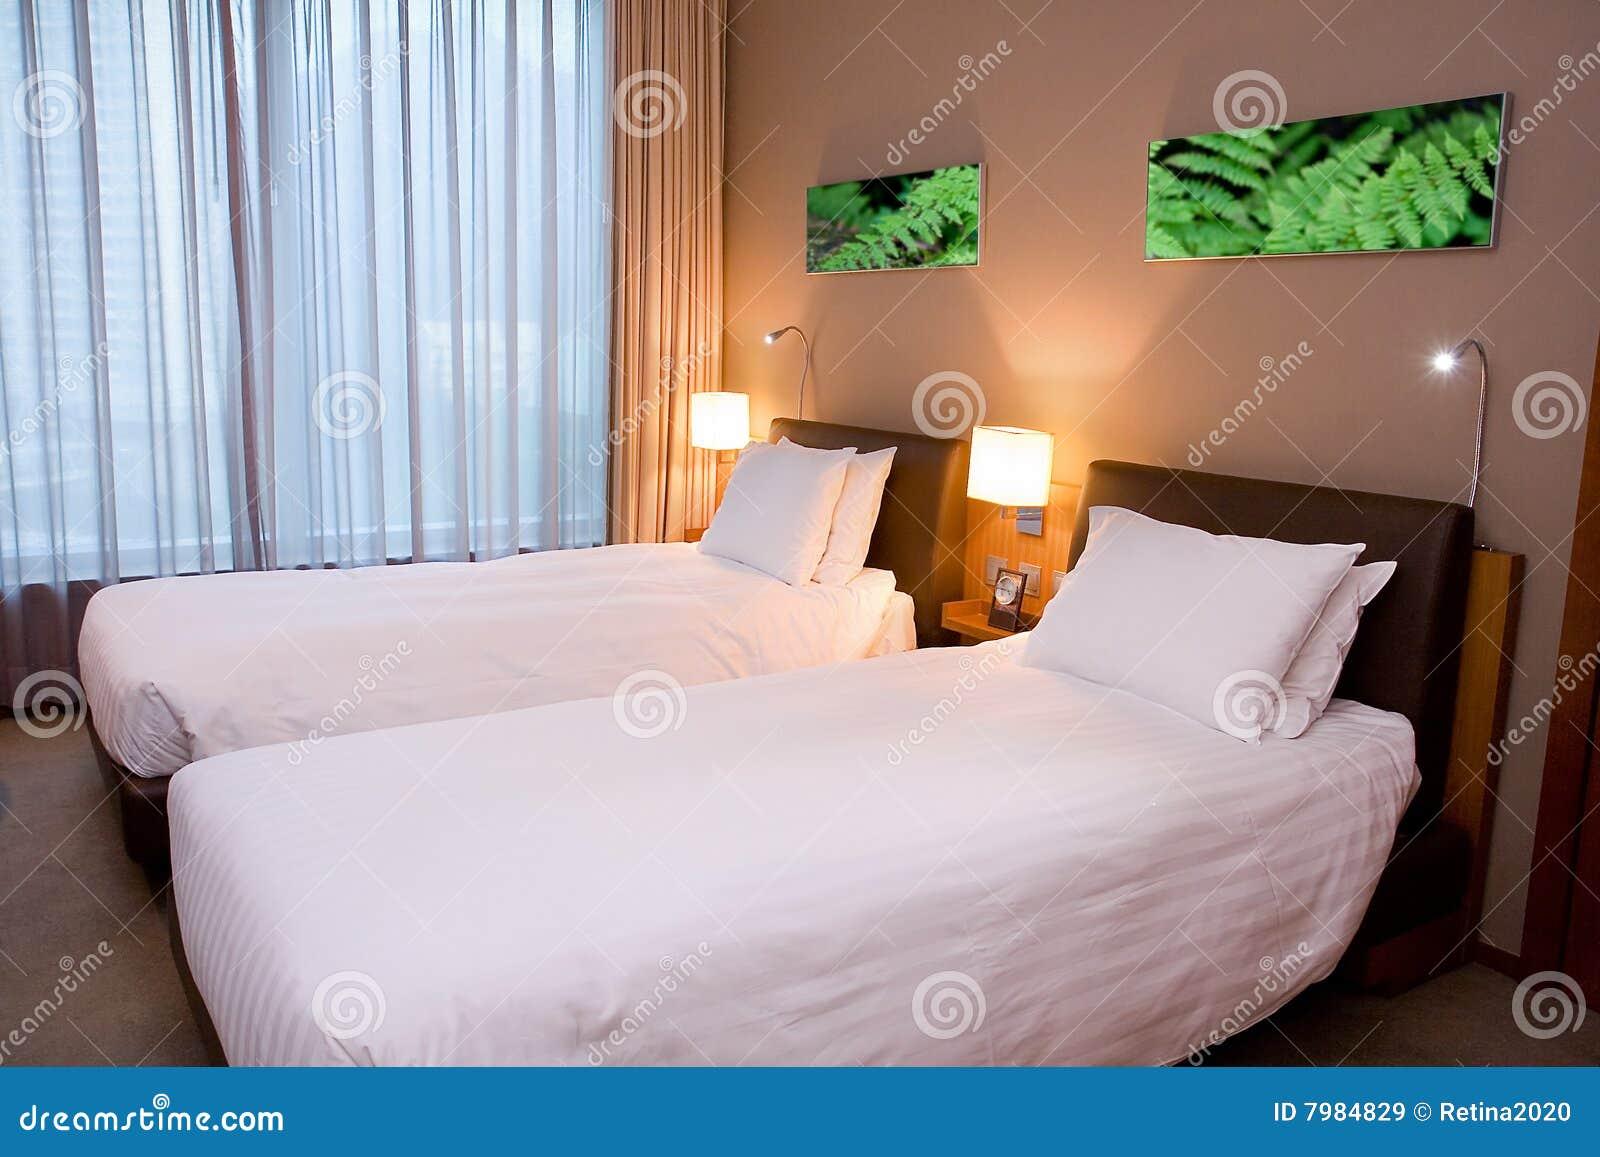 De de moderne ruimte of slaapkamer van het hotel royalty vrije stock afbeeldingen afbeelding - Ruimte van het meisje parket ...